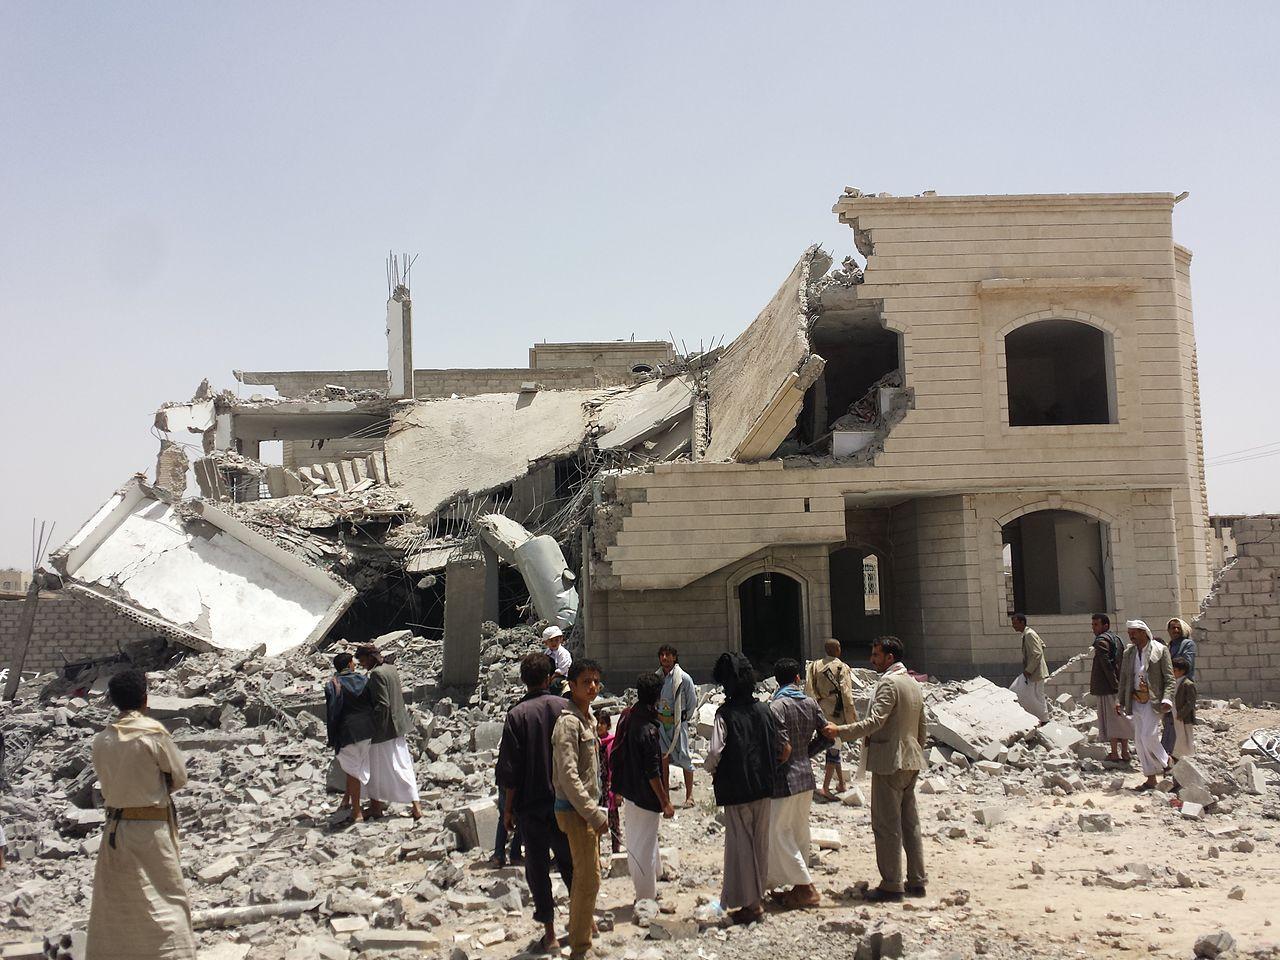 Ein zerbombtes Haus in Jemens Hauptstadt Sanaa.